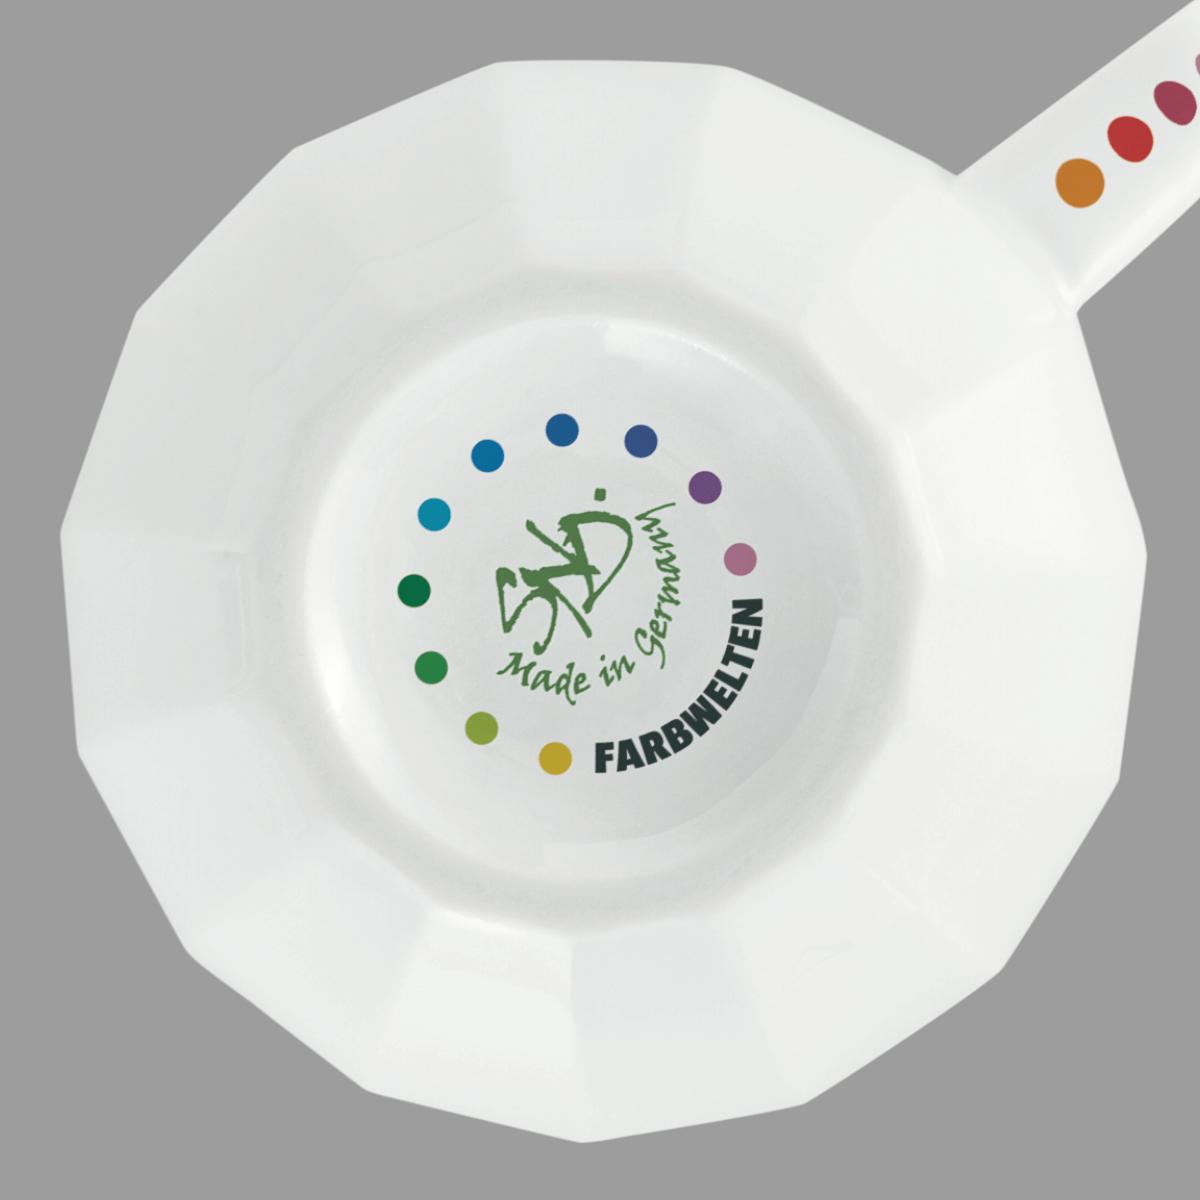 Bodenmarke_Farbwelten